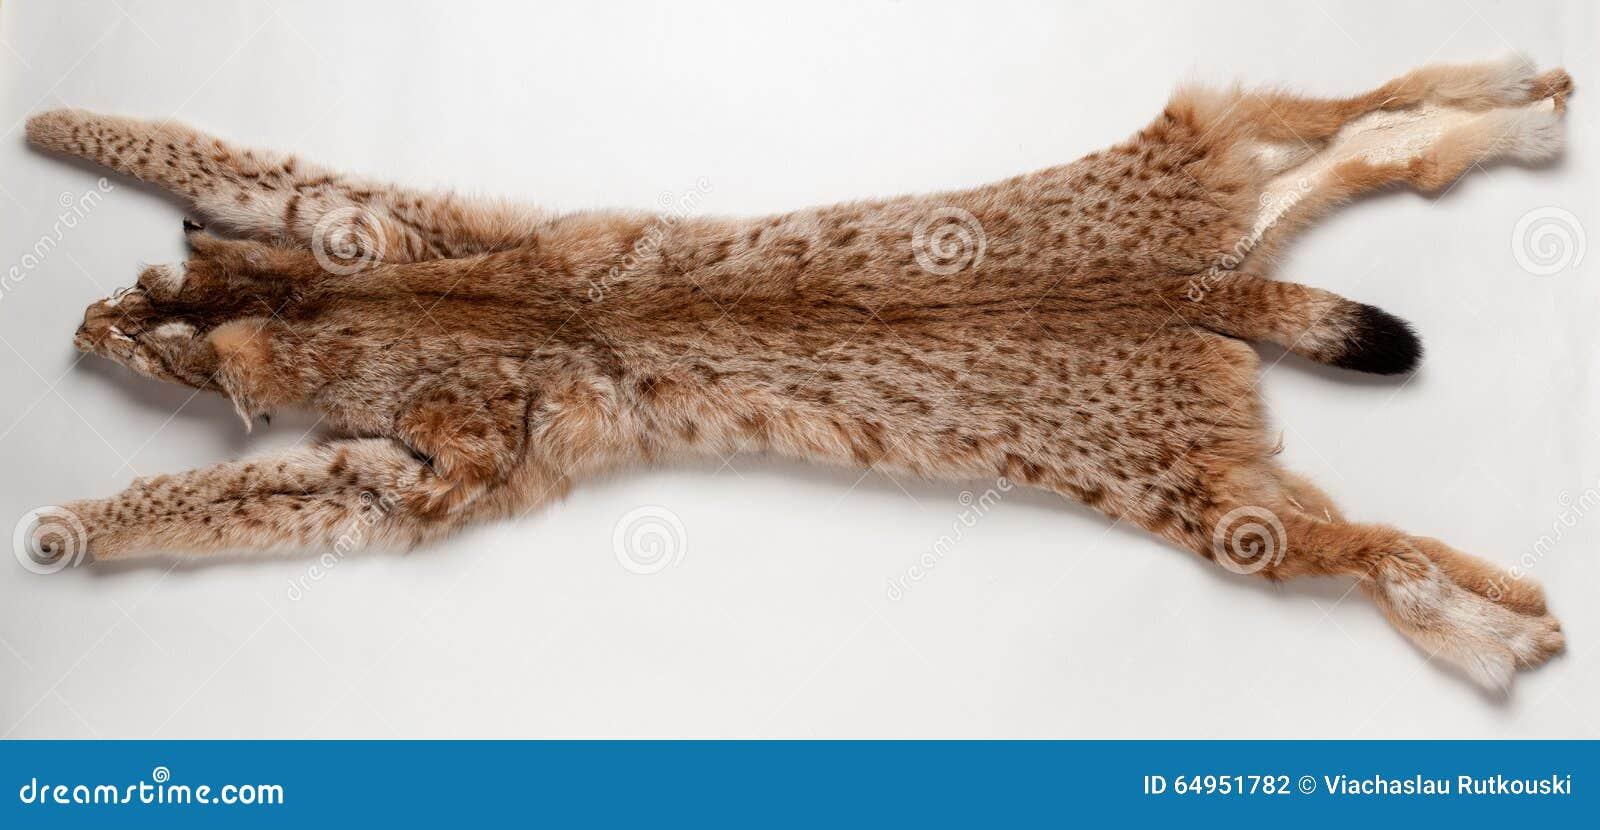 Lynx pelt stock photo. Image of wild, dead, environment - 64951782 for Lynx Pelt  568zmd